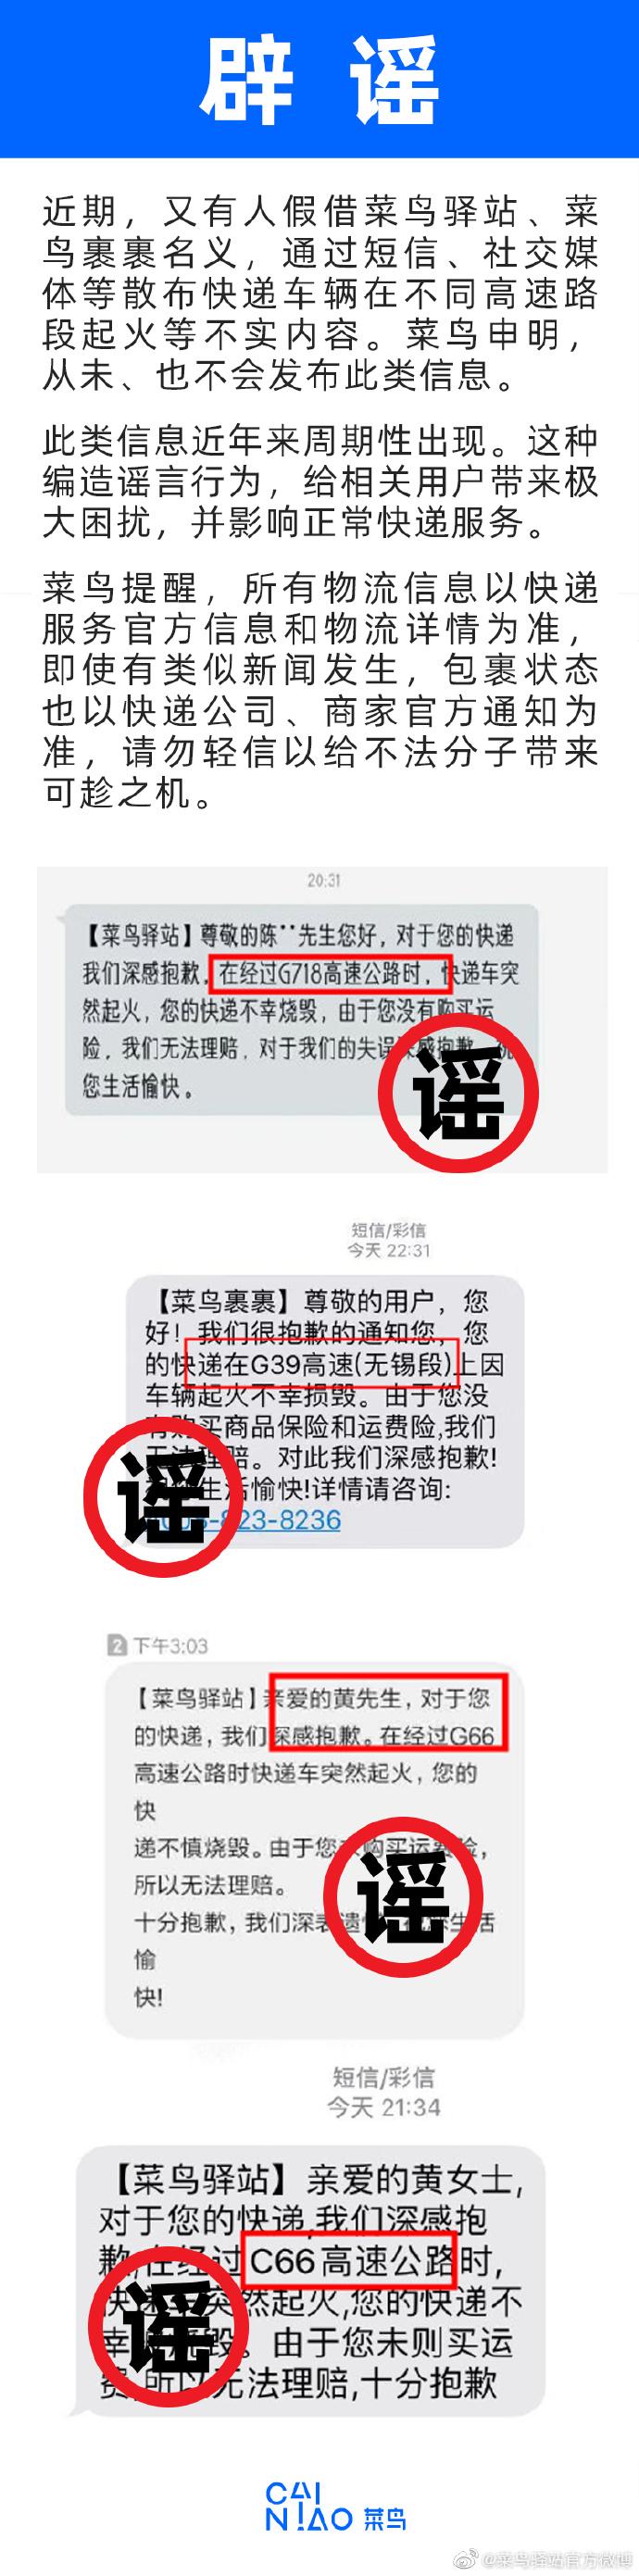 """菜鸟驿站:以菜鸟名义发送""""快递烧毁""""短信不实"""